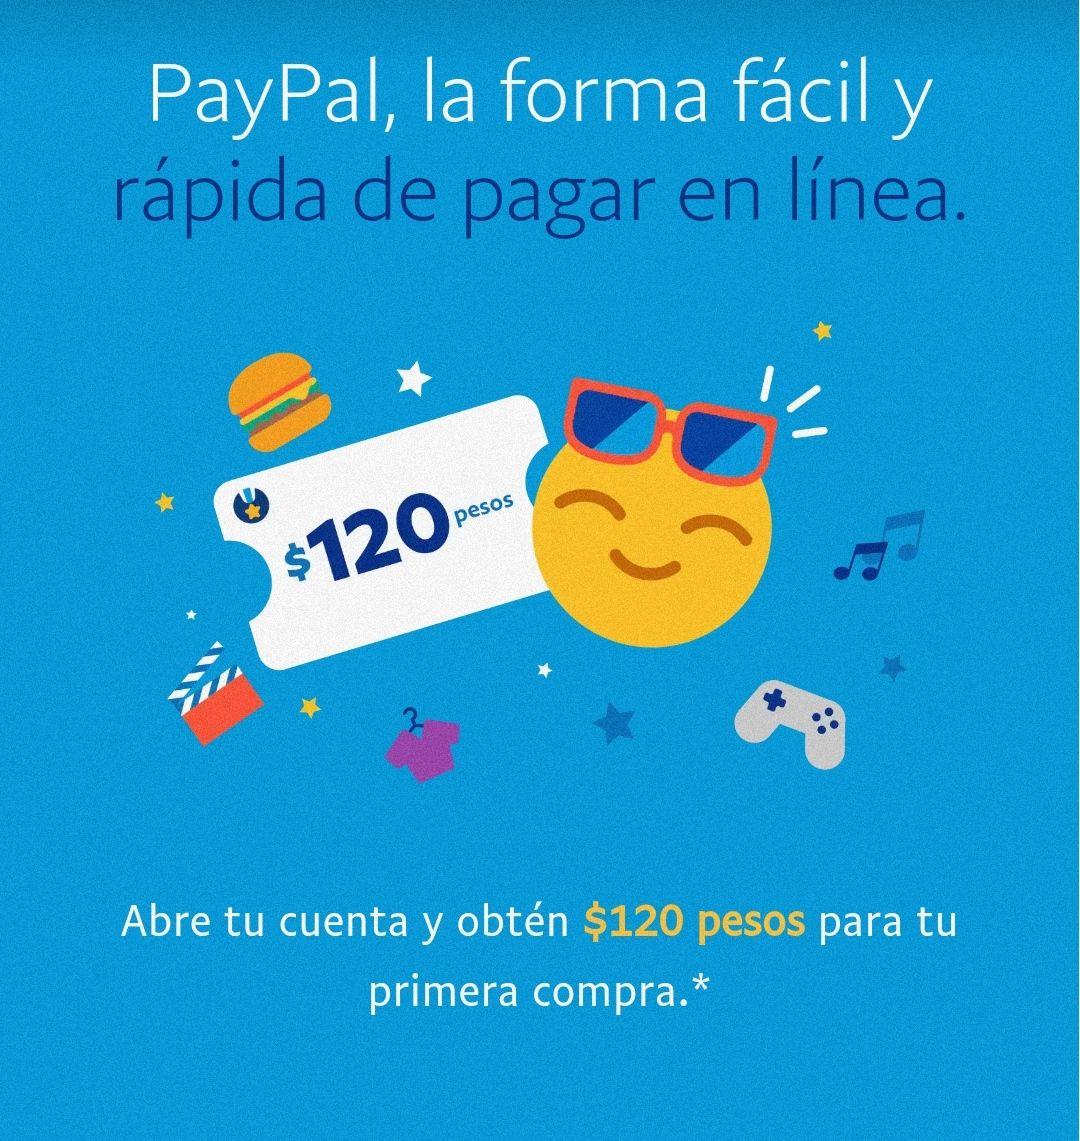 PayPal: Cupón de 120 pesos en tu primera compra